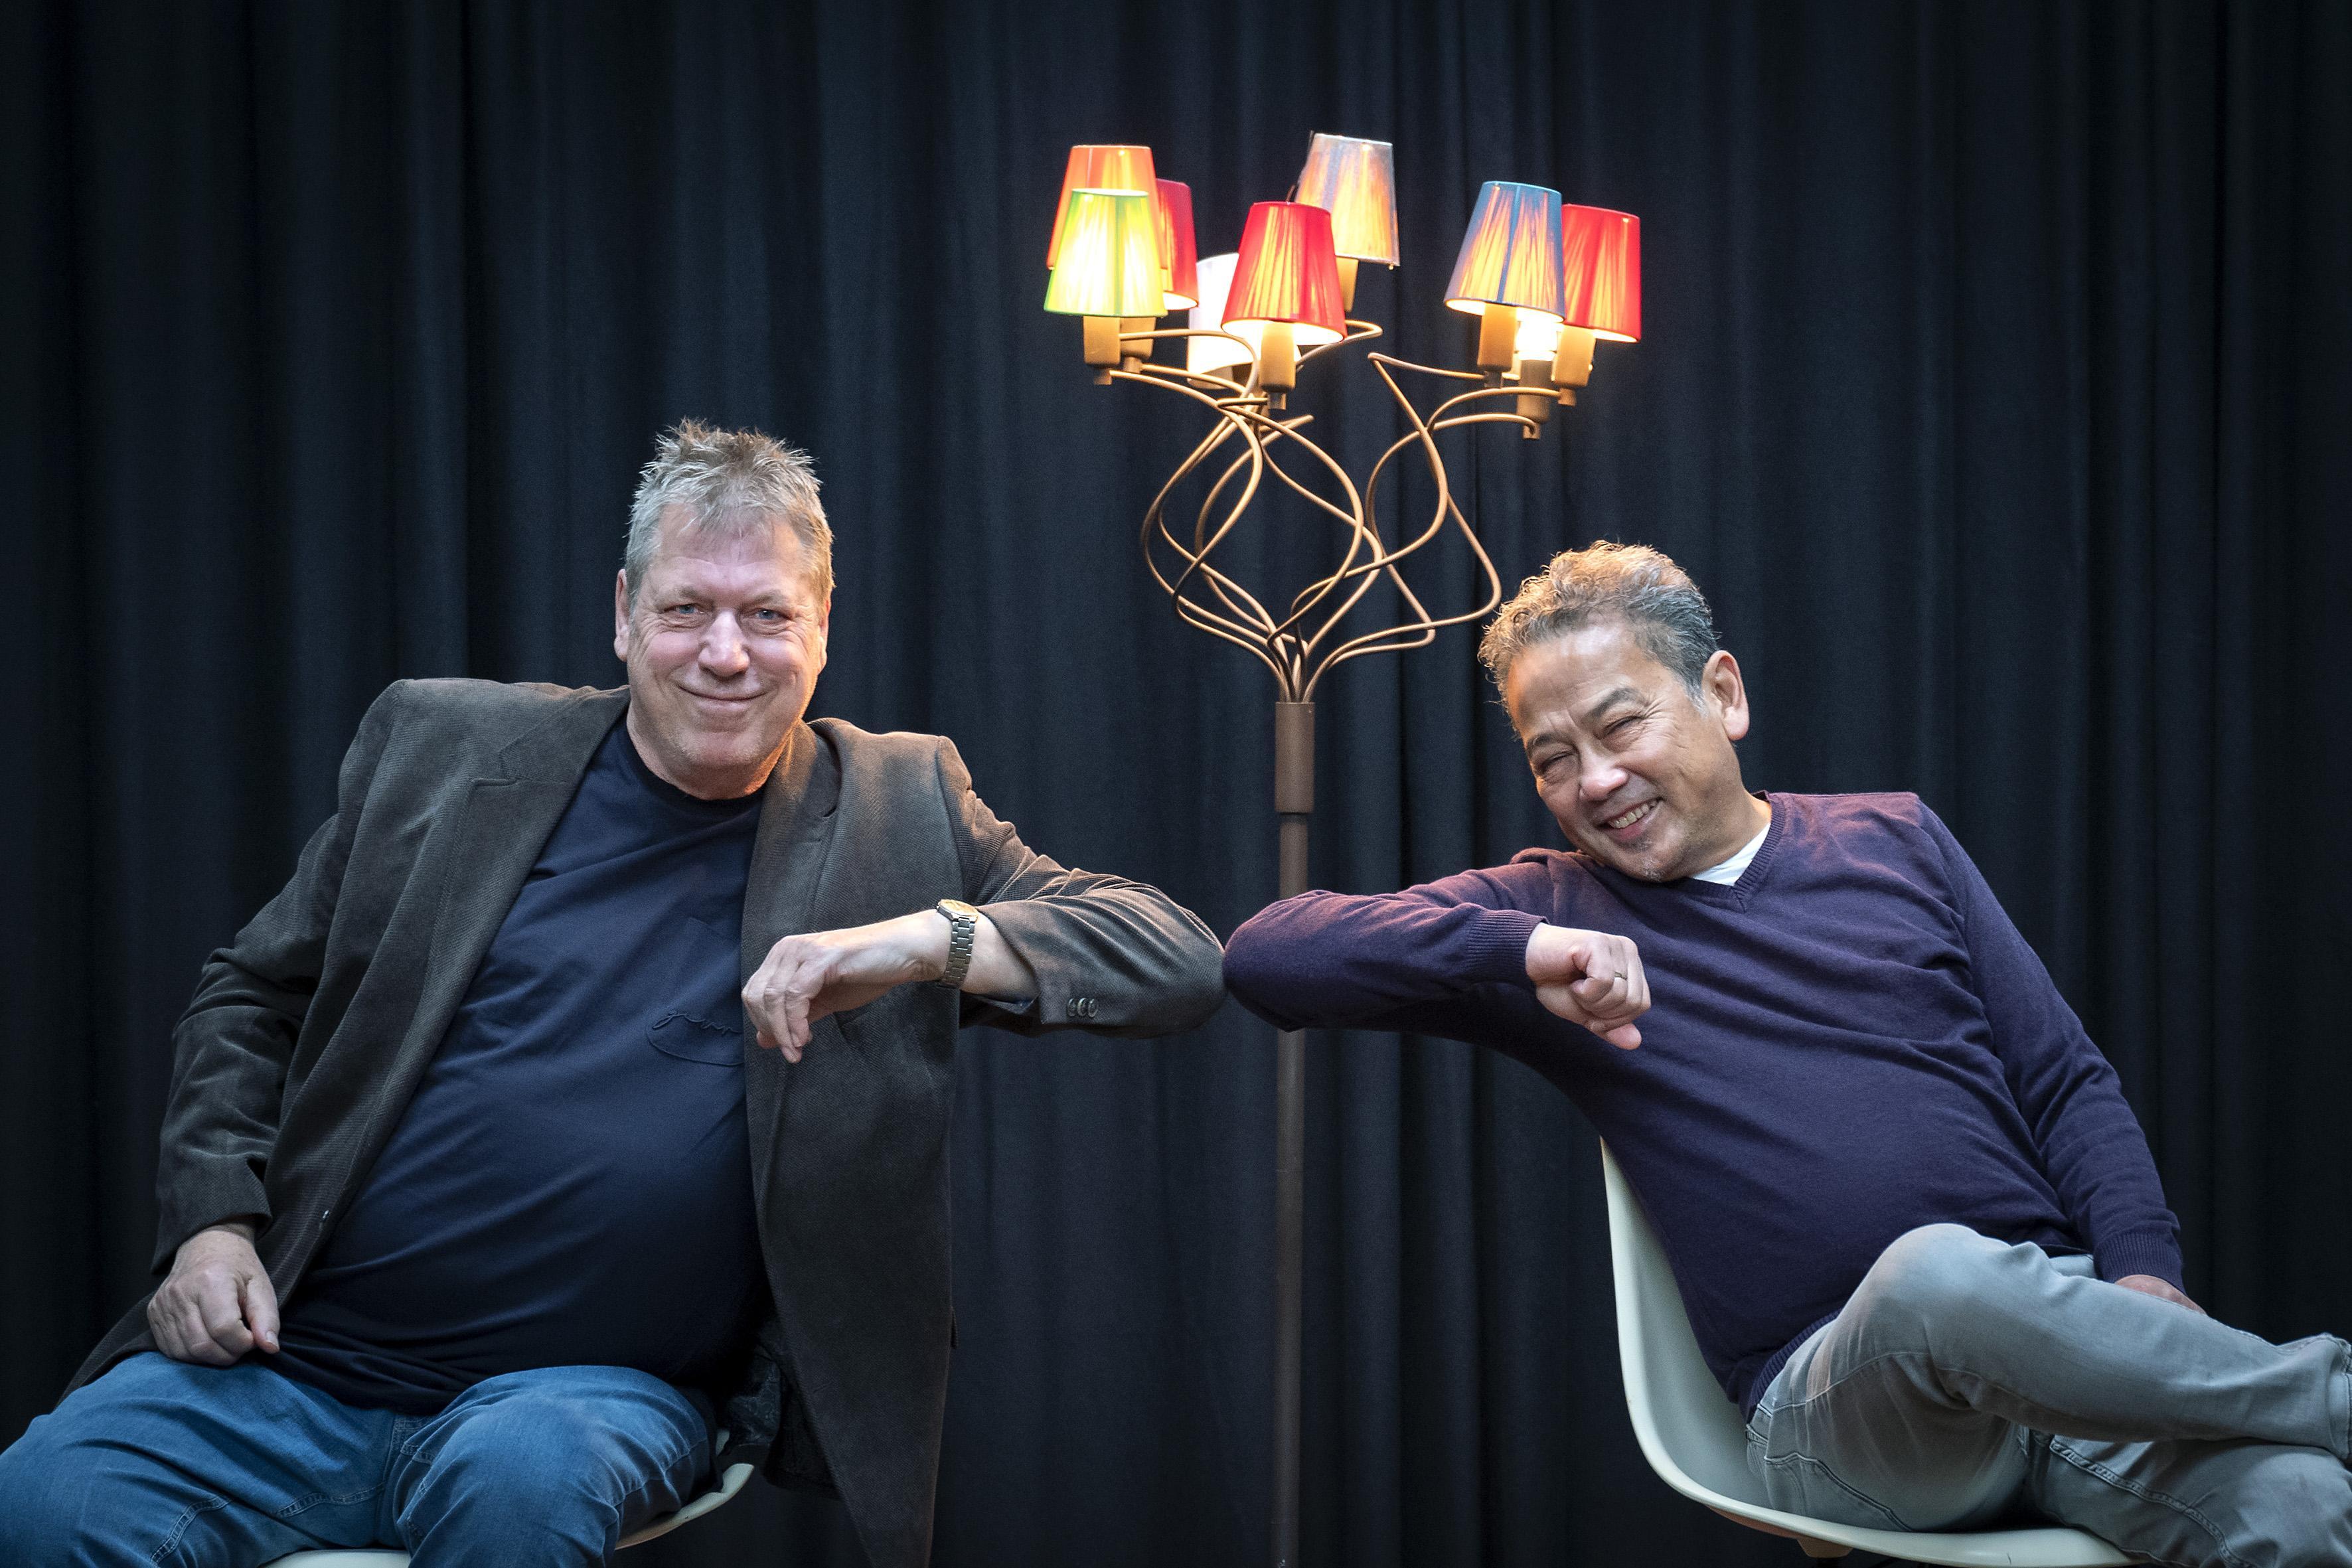 Blues-gitaristen Frans ten Kleij en Johnny Laporte spelen benefietconcerten voor Haarlems muziekpodium Patronaat